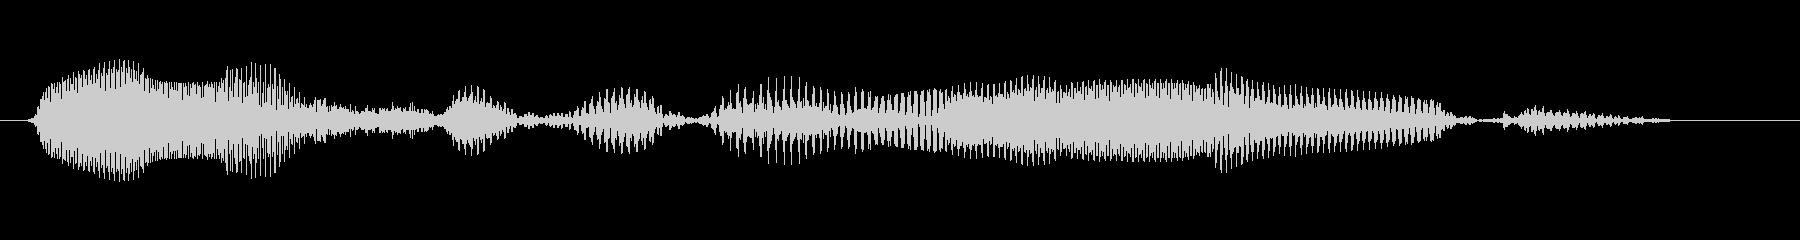 今すぐダウンロード (シリアス、固め)の未再生の波形